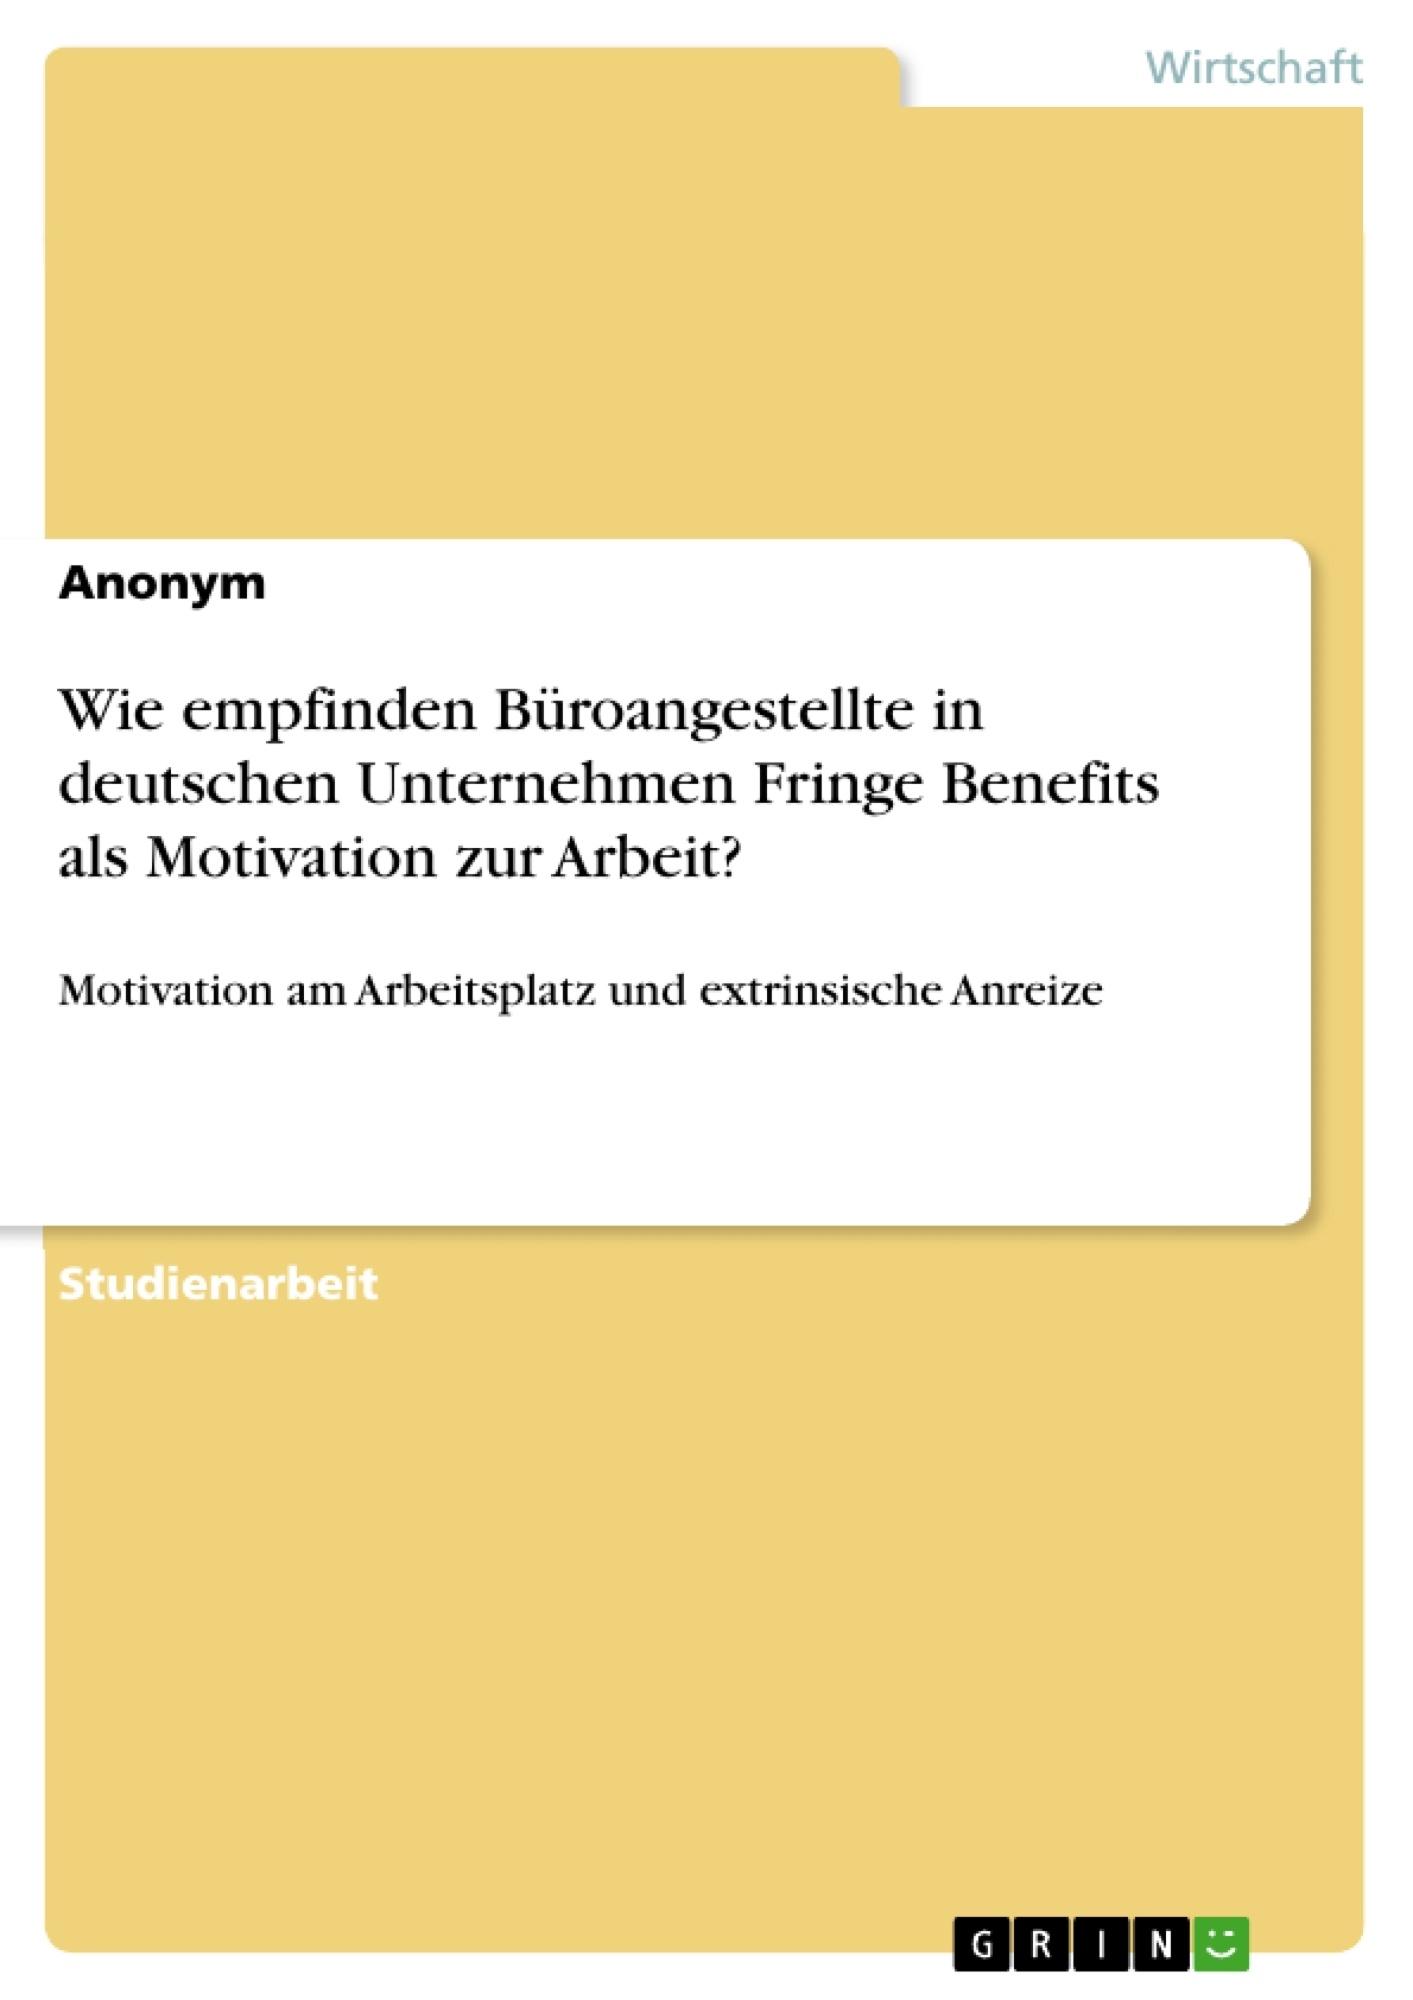 Titel: Wie empfinden Büroangestellte in deutschen Unternehmen Fringe Benefits als Motivation zur Arbeit?